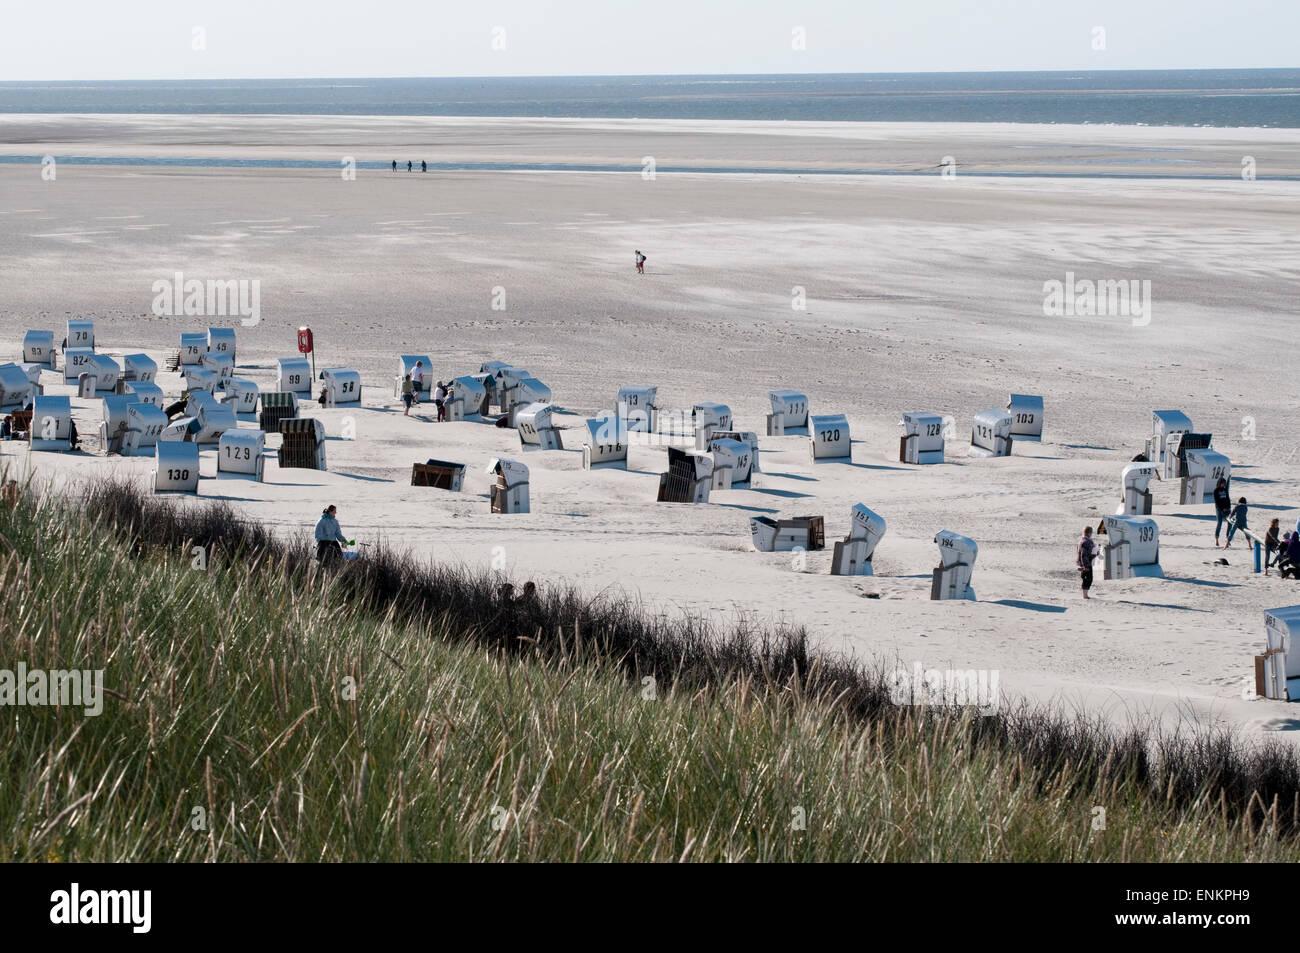 Bewachsene Duenen, Sandstrand, Strandkoerbe, blaues Meer, Spiekeroog, Ostfriesische Insel, Nordseekueste, Ostfriesland, - Stock Image